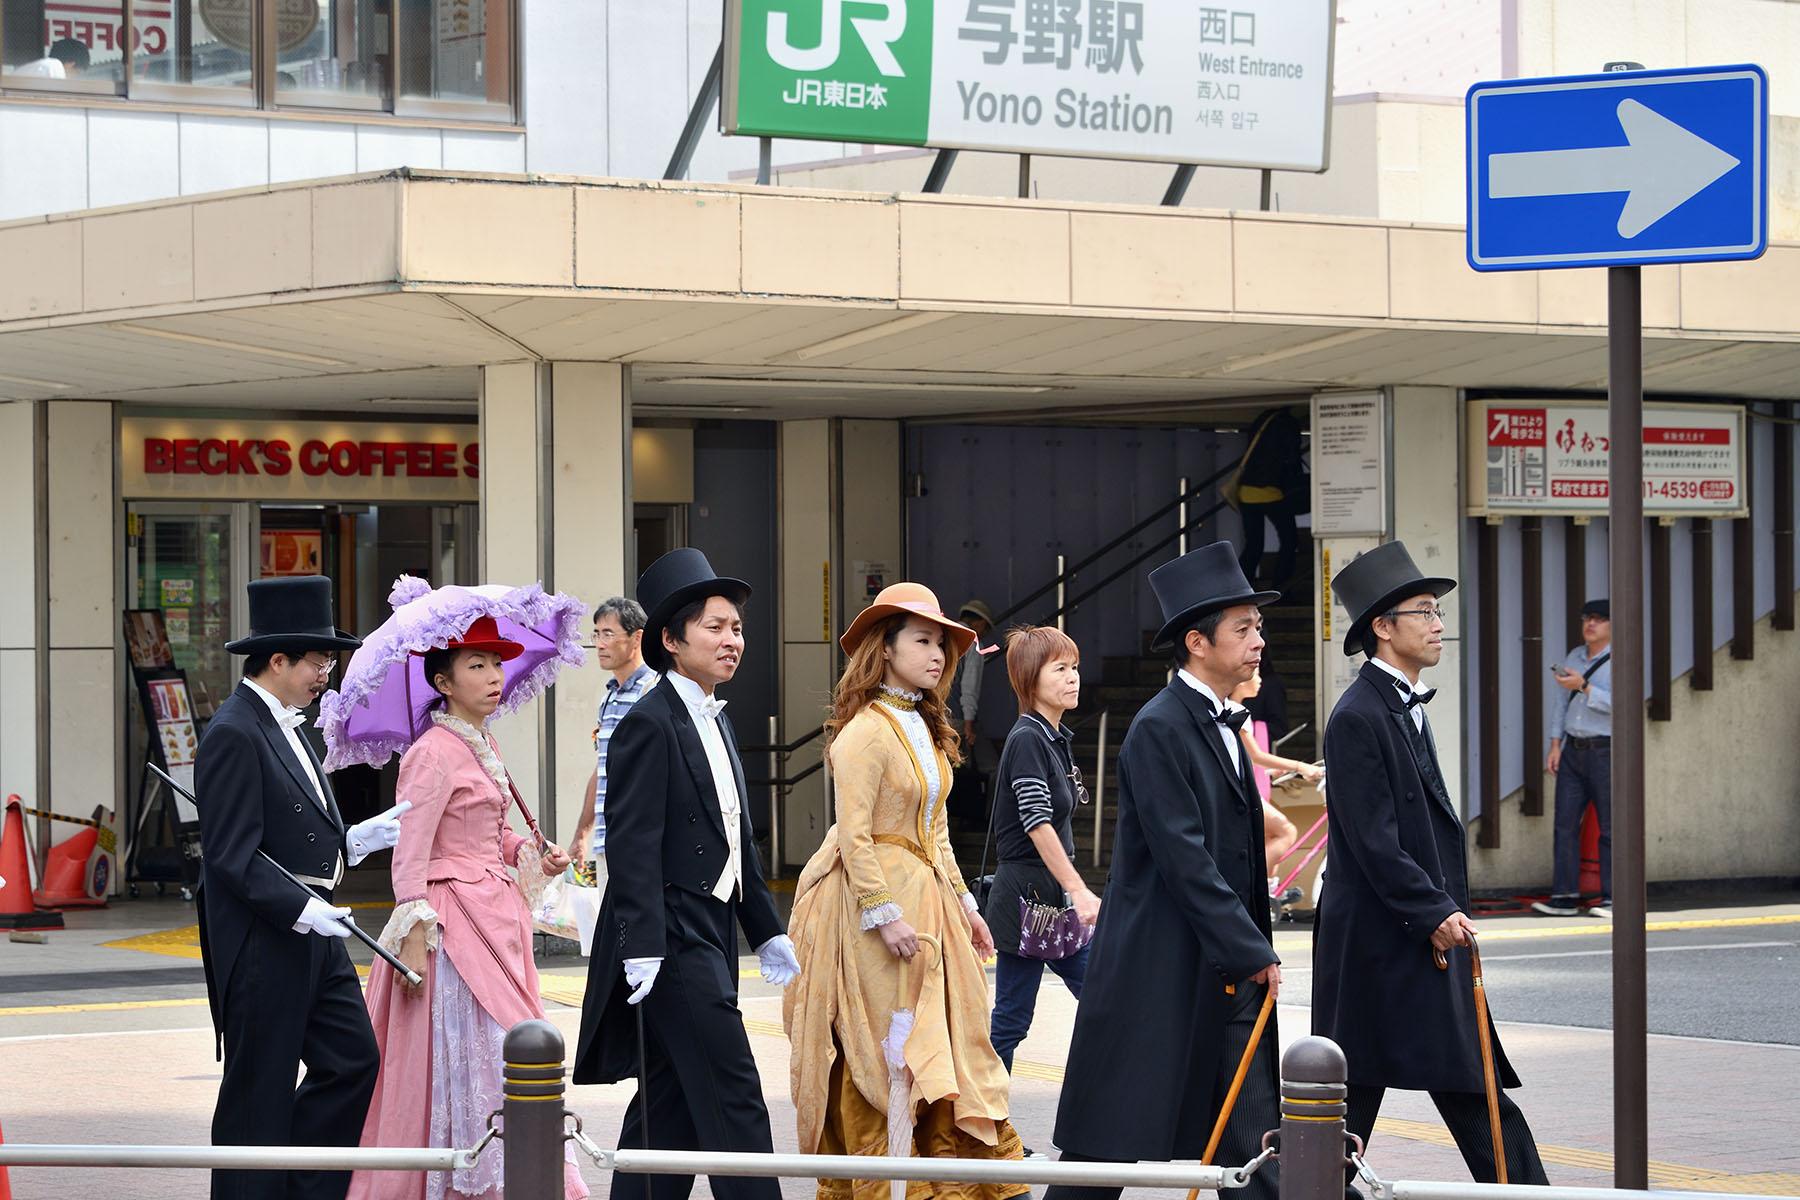 大正時代まつり 与野駅西口駅前通り周辺